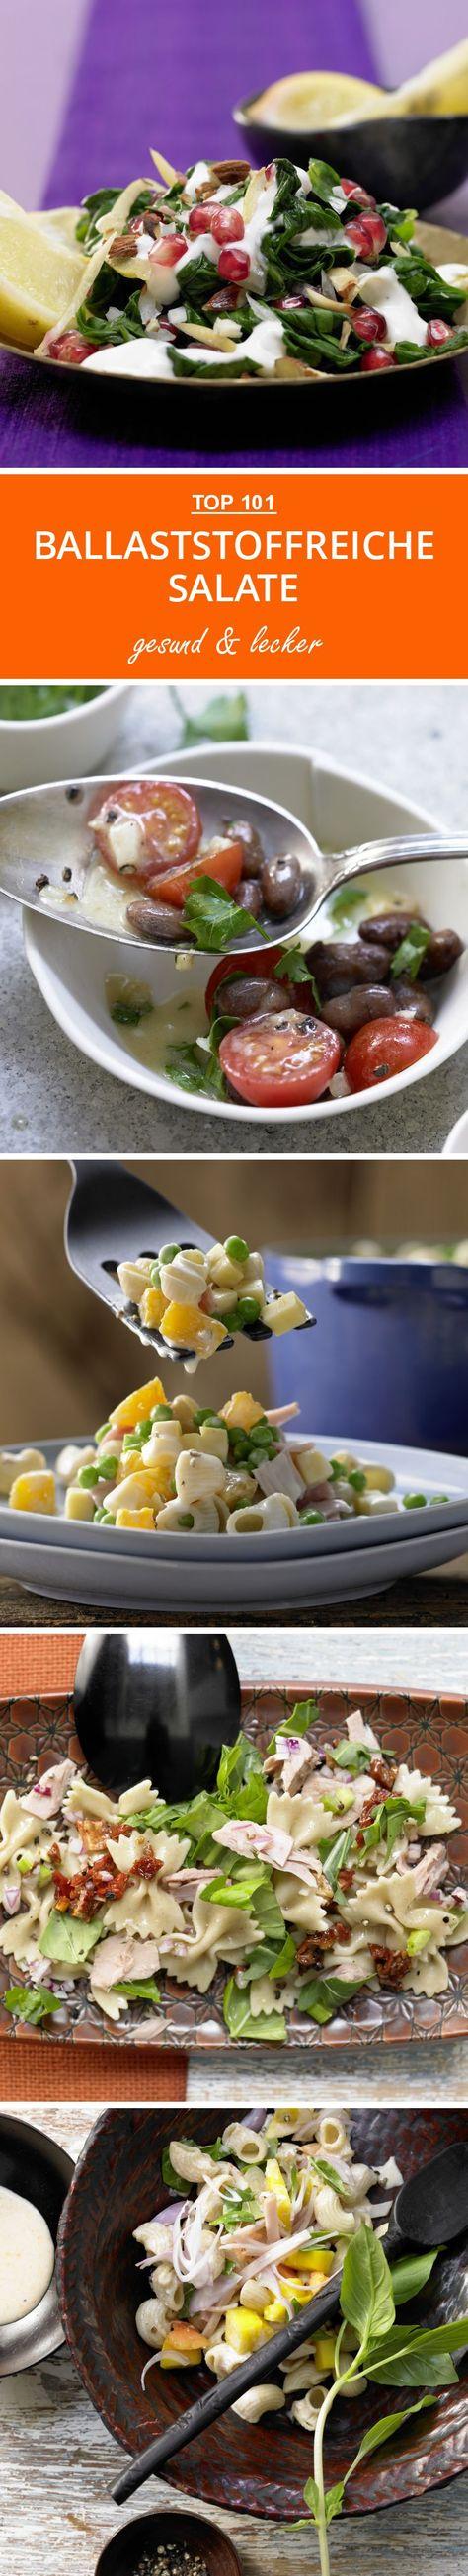 Ballaststoffreiches Essen